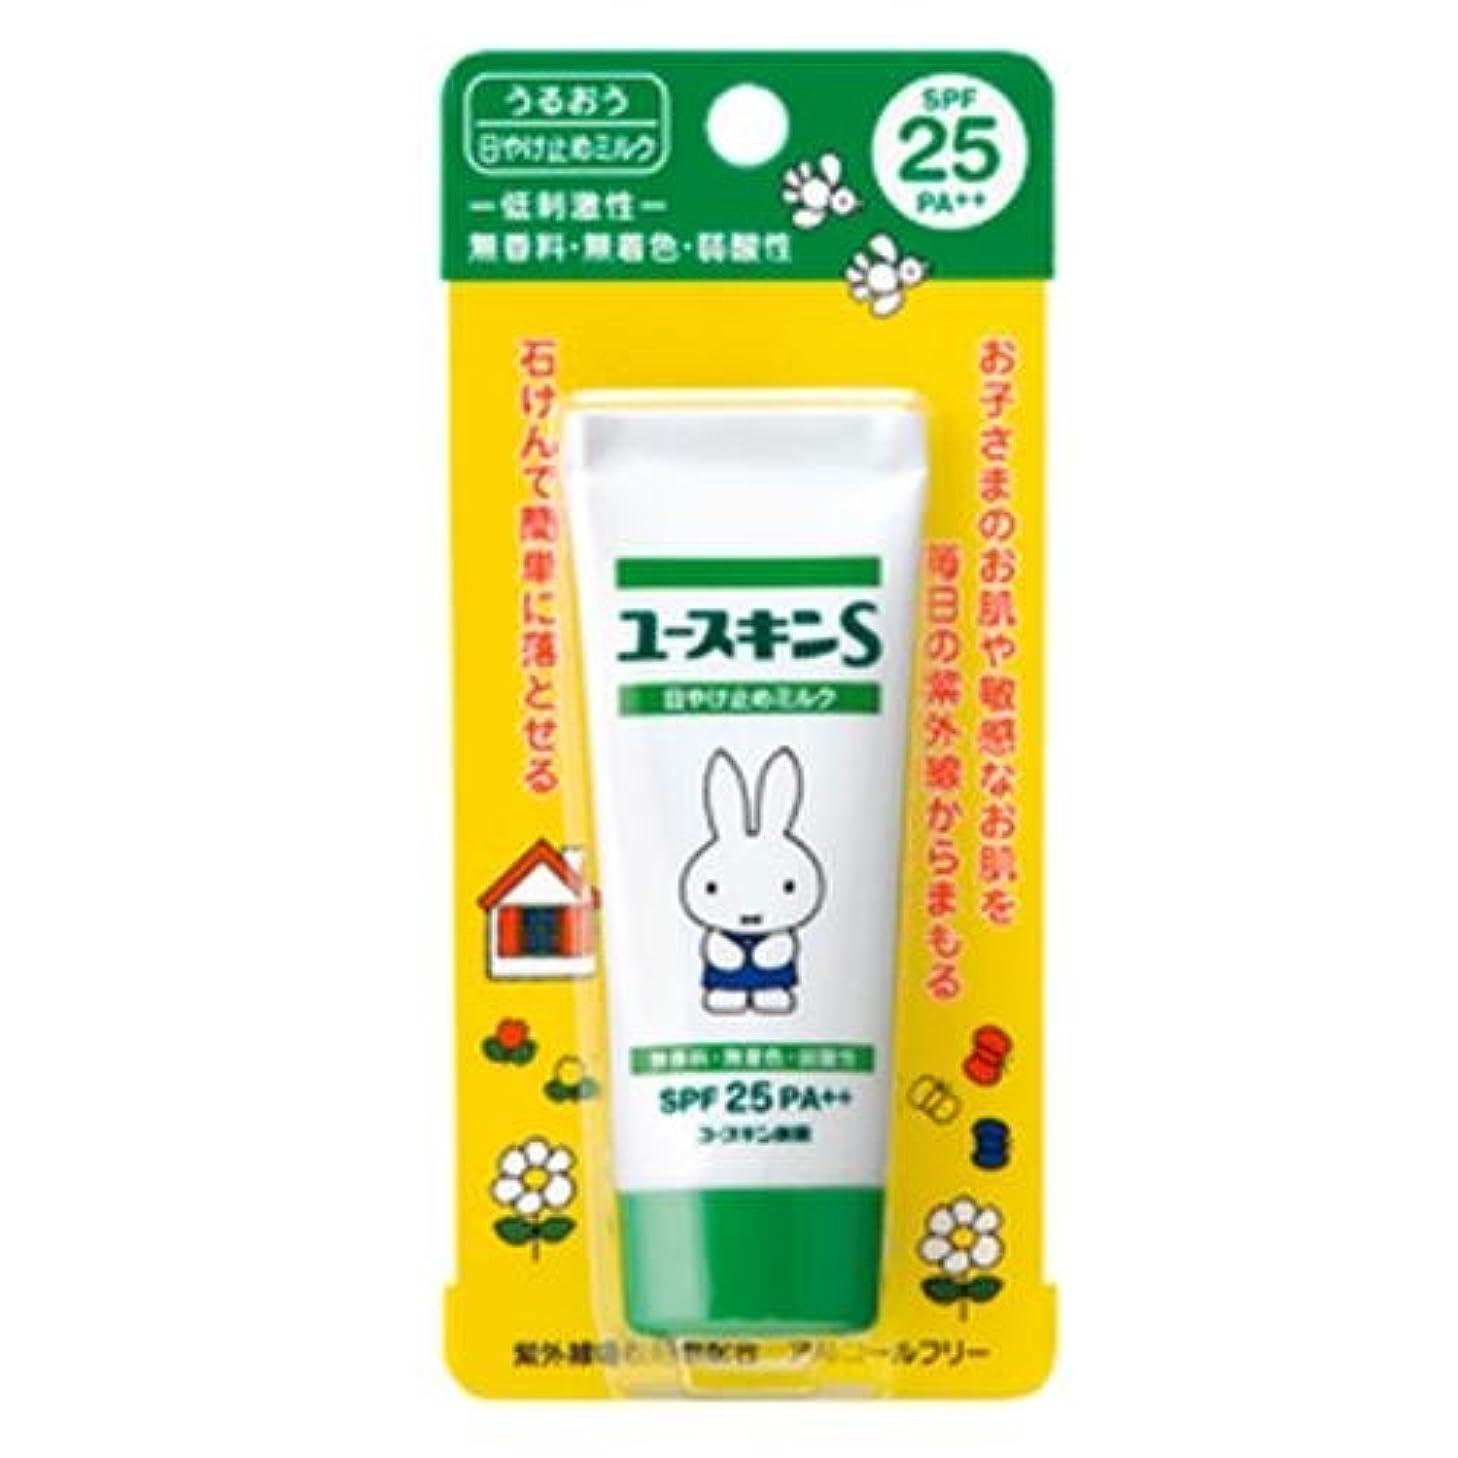 コーデリアペインティング計画的ユースキンS UVミルク SPF25 PA++ 40g (敏感肌用 日焼け止め)